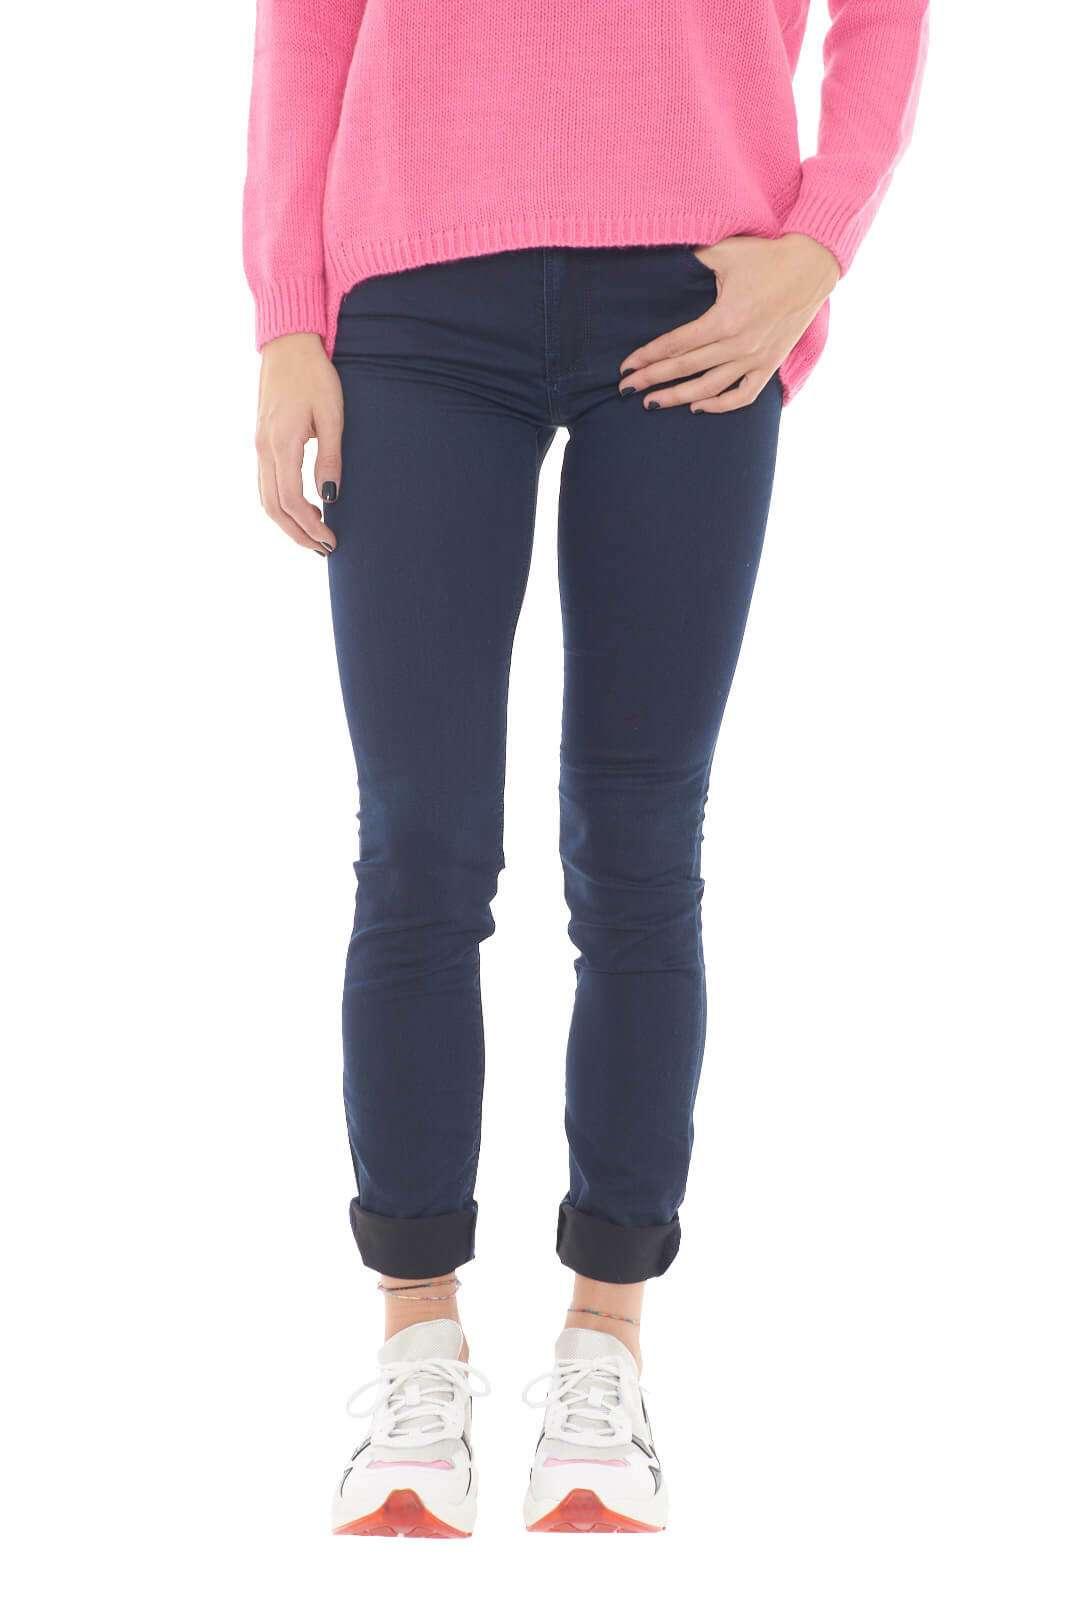 Un jeans giovanile, alla moda quello proposto da Armani Jeans, per la donna che ama look trendy e sempre alla moda. La vestibilità slim regala una silhouette asciutta, mentre il lavaggio scuro permette abbinamenti classici e non, con maglioni, t shirt o bluse, per un outfit che non vuole lasciare nulla al caso.  La modella è alta 1,78m e indossa la taglia 26.